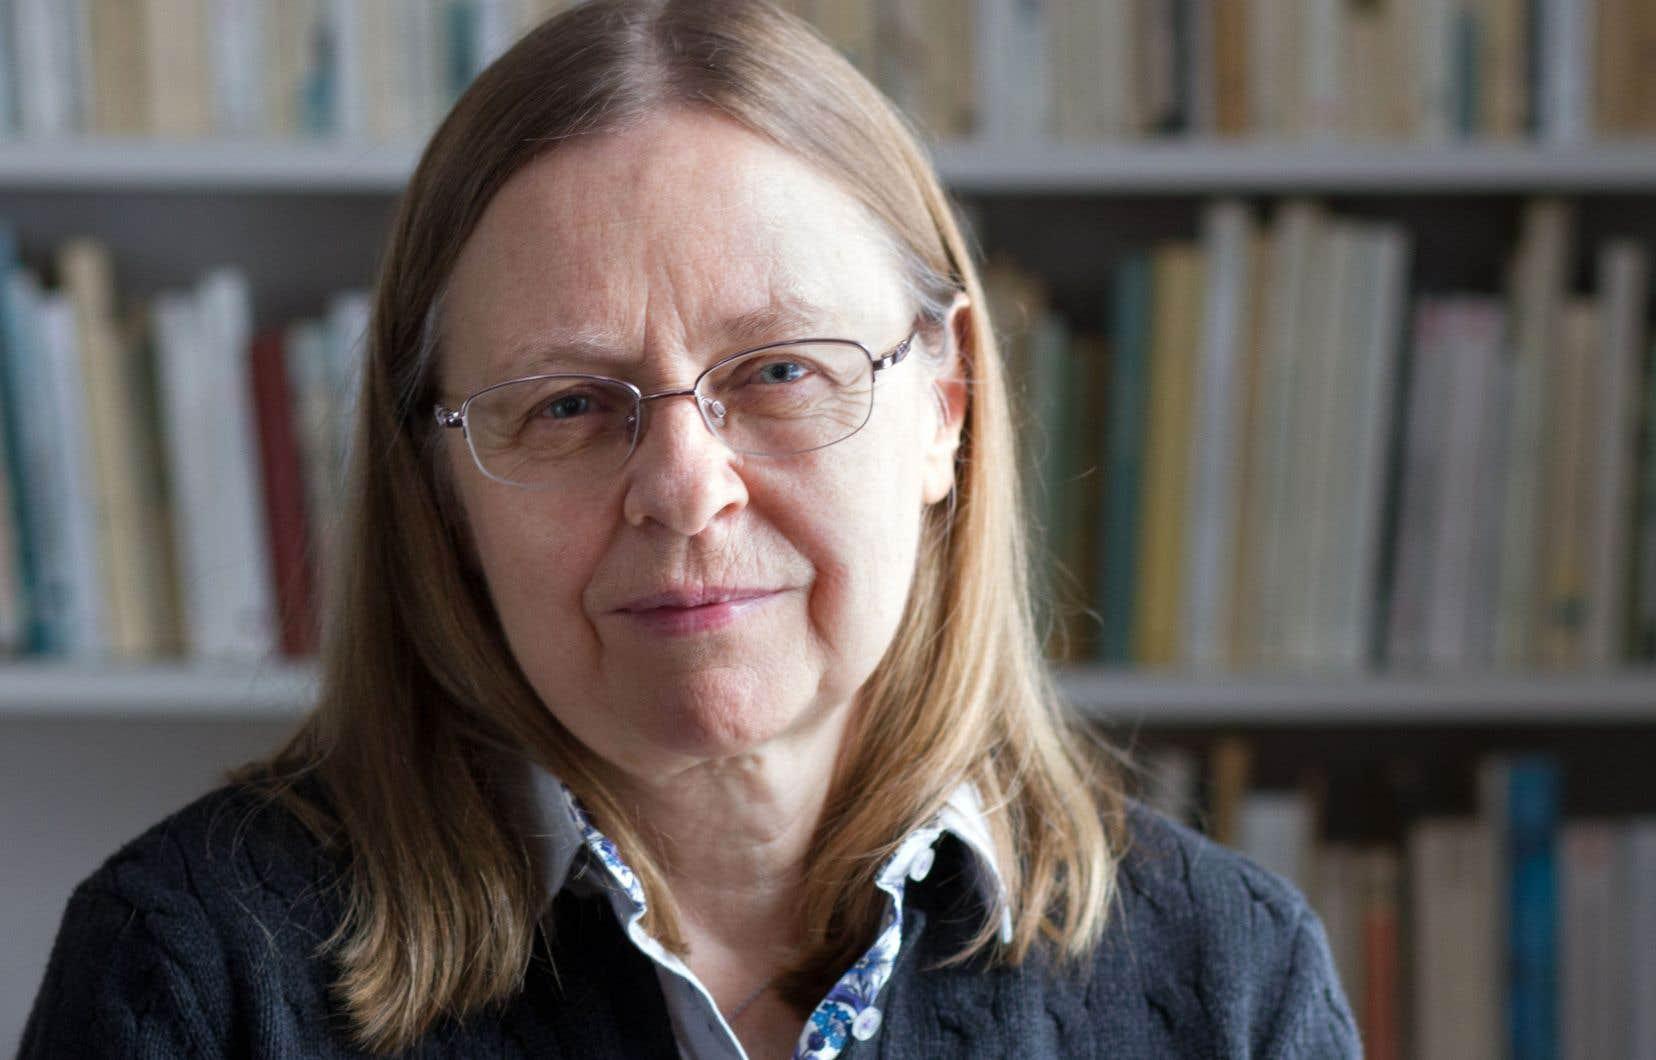 Patricia Godbout signe un premier roman proche du journal intime.